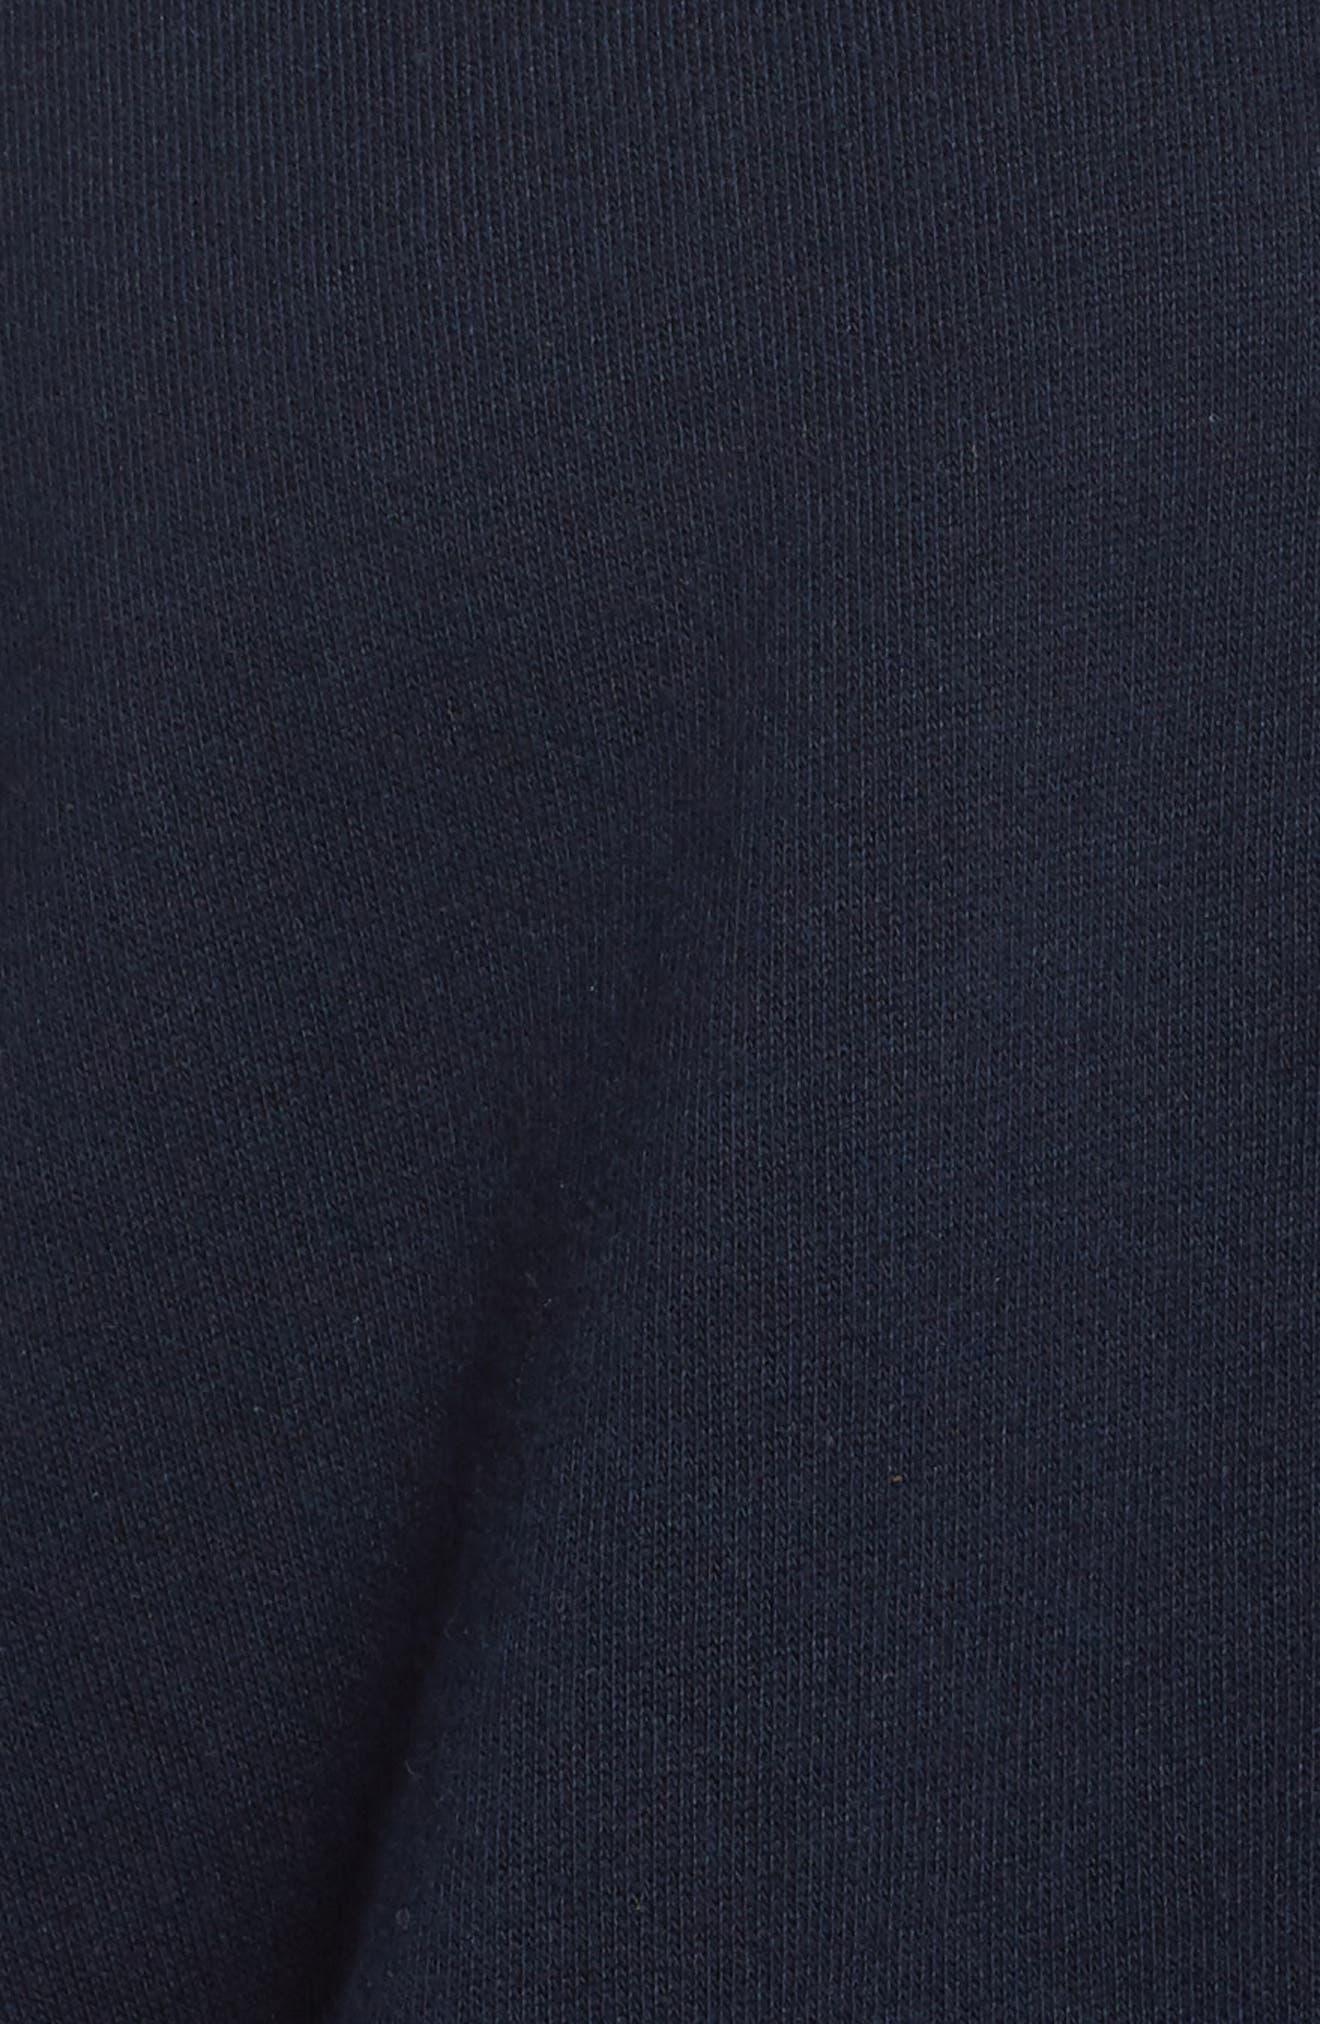 Asymmetric Hem Sweatshirt,                             Alternate thumbnail 5, color,                             Navy Blazer